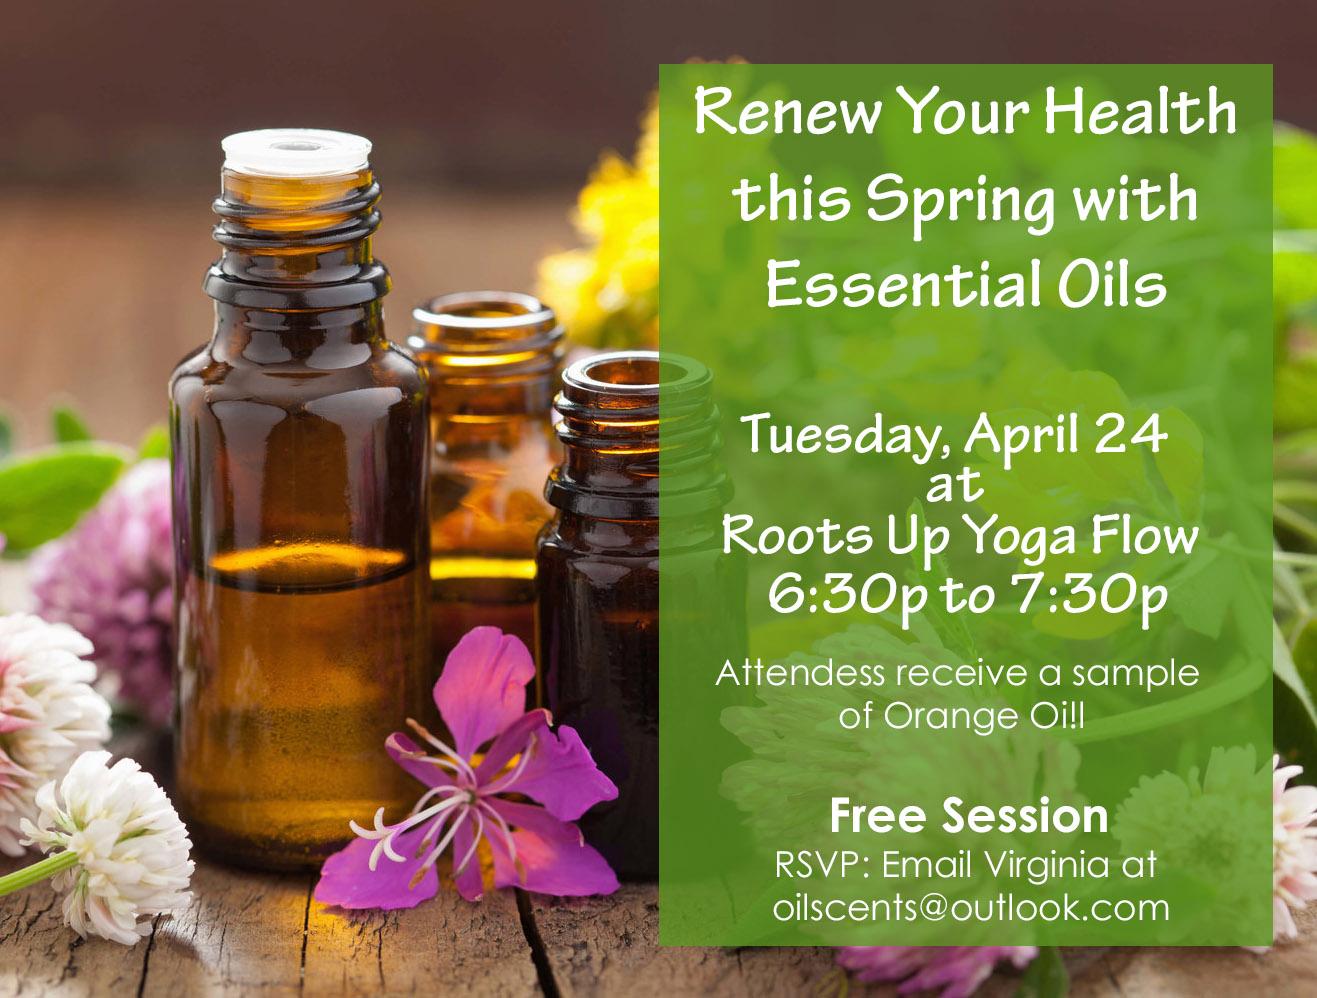 Spring Into Essential Oils_RUYF.jpg